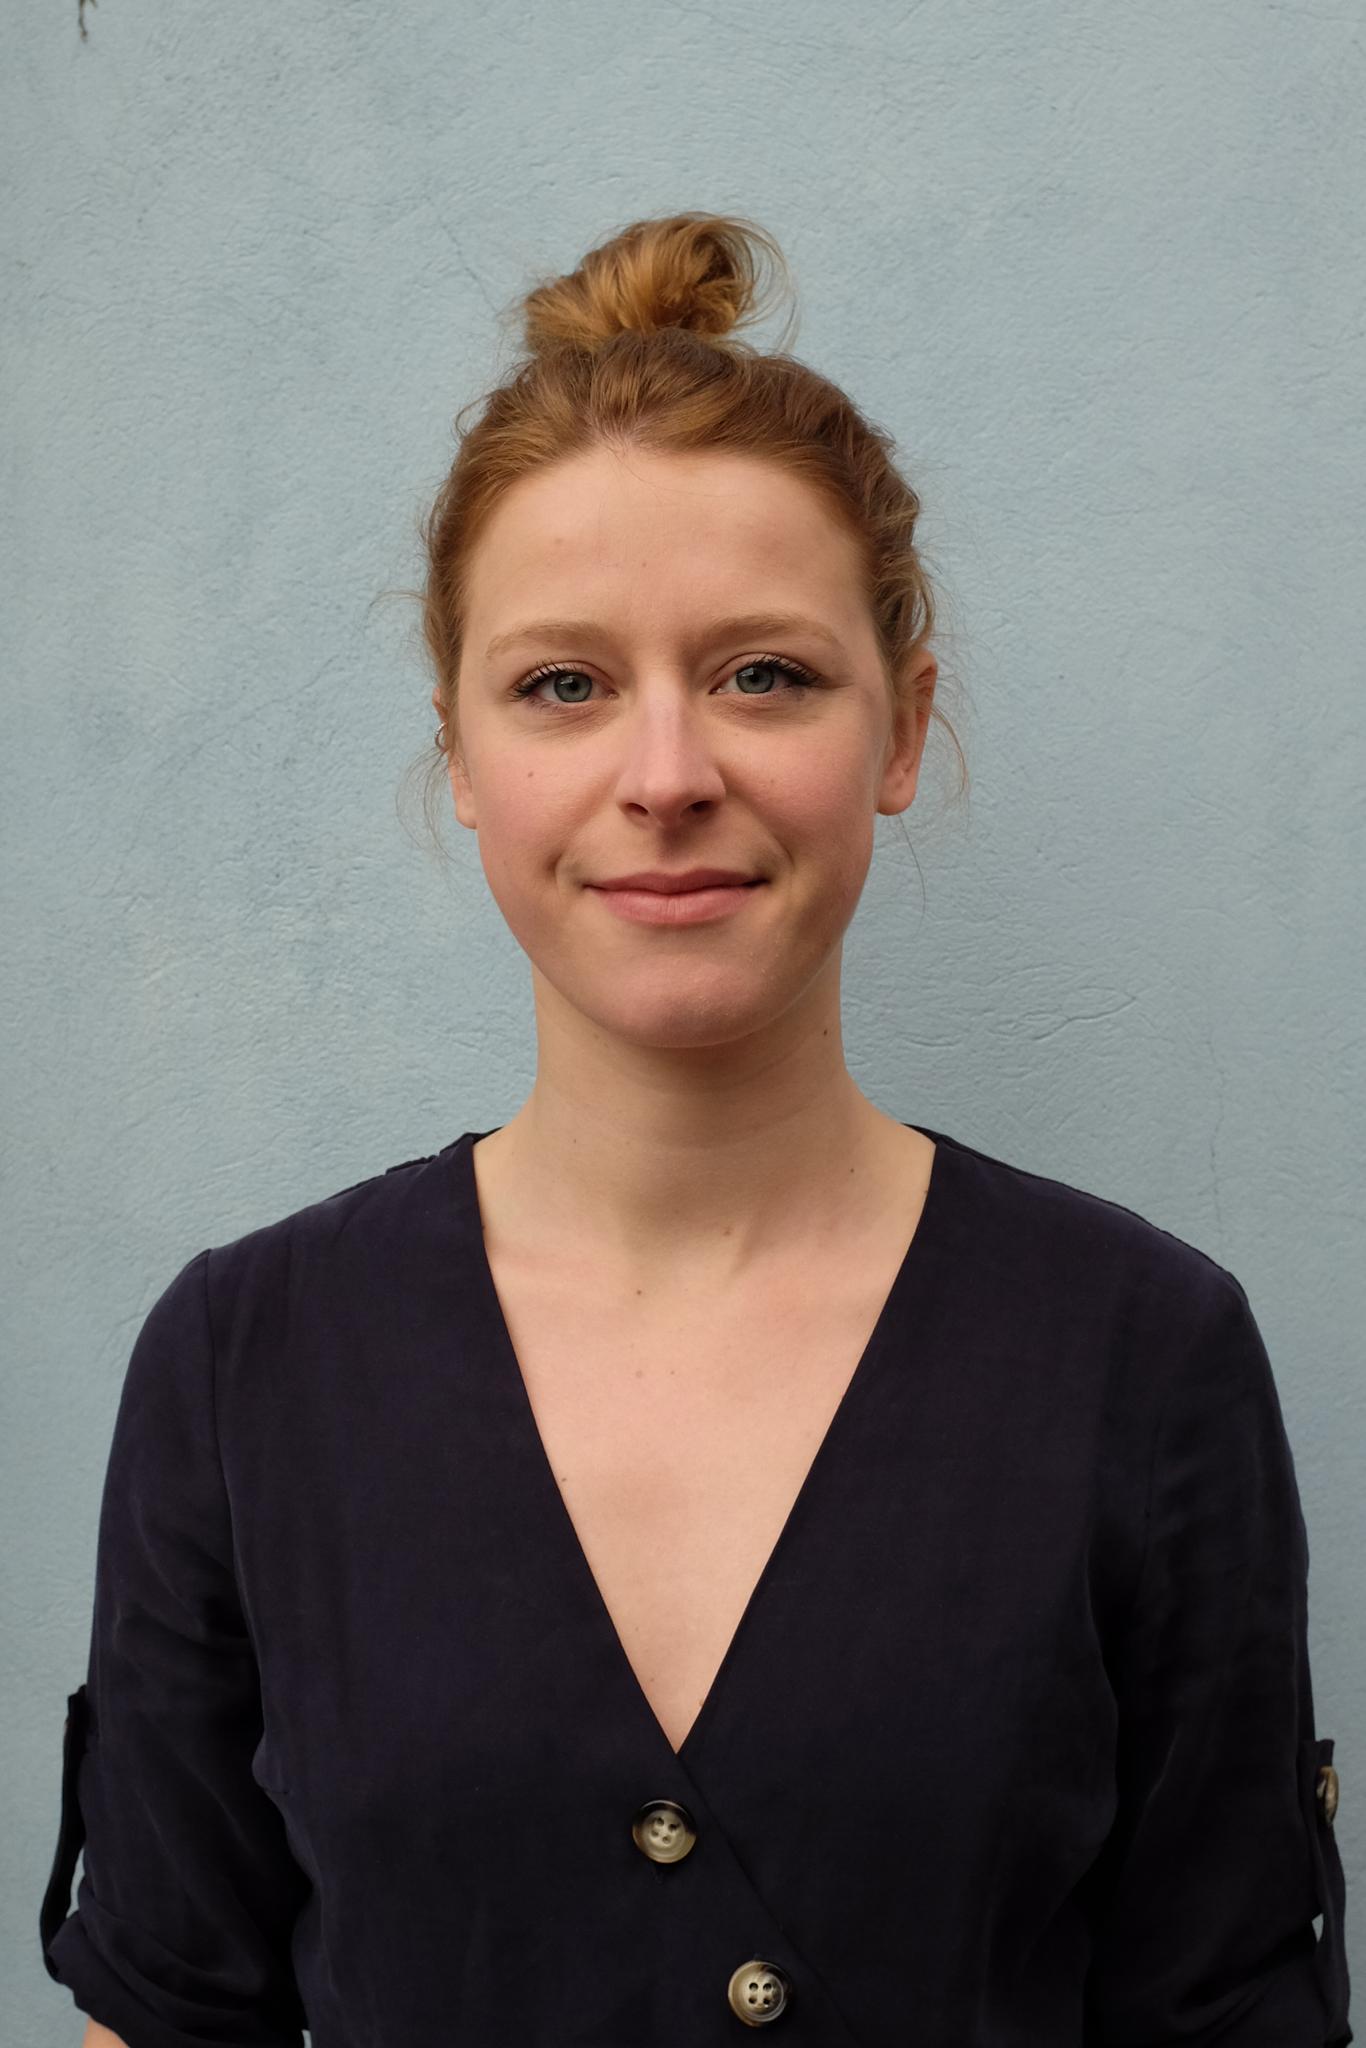 Portrait de Mathilde Corbet, co-fondatrice de Maison·g, Lyon, France, spécialisée dans la conception de projets artistiques et en communication par l'art.